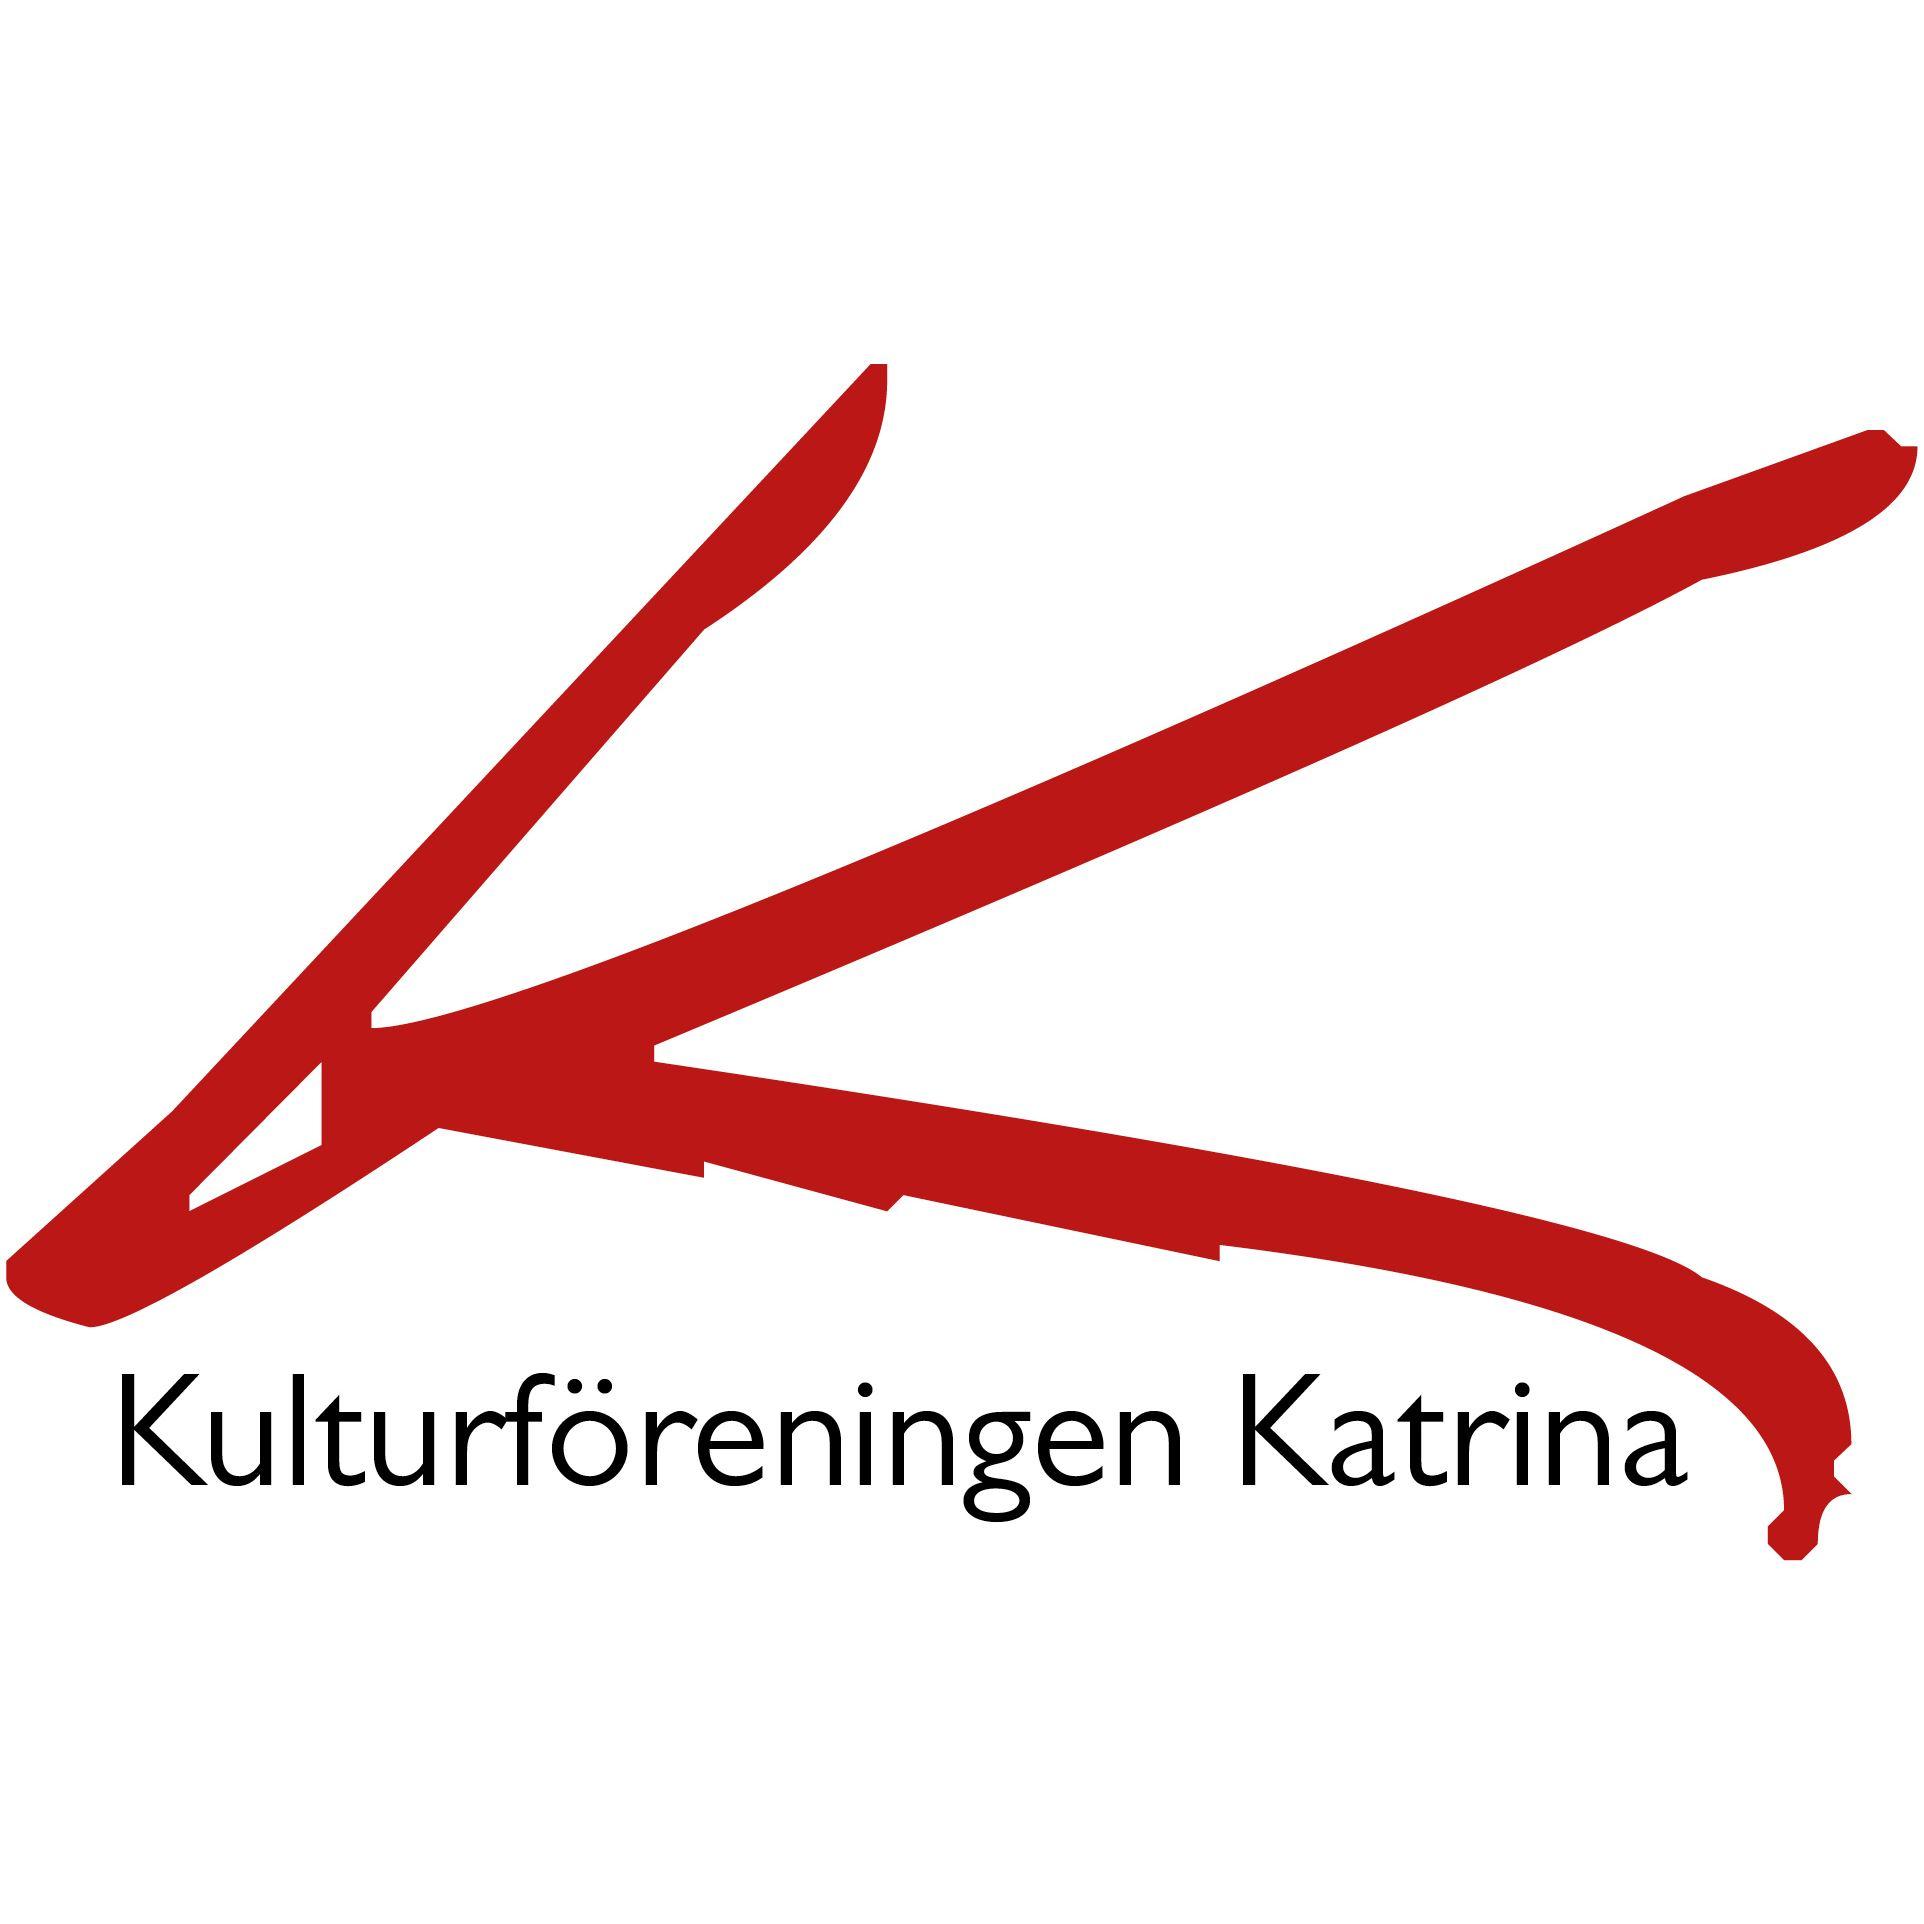 Katrina: Early Folk – and late